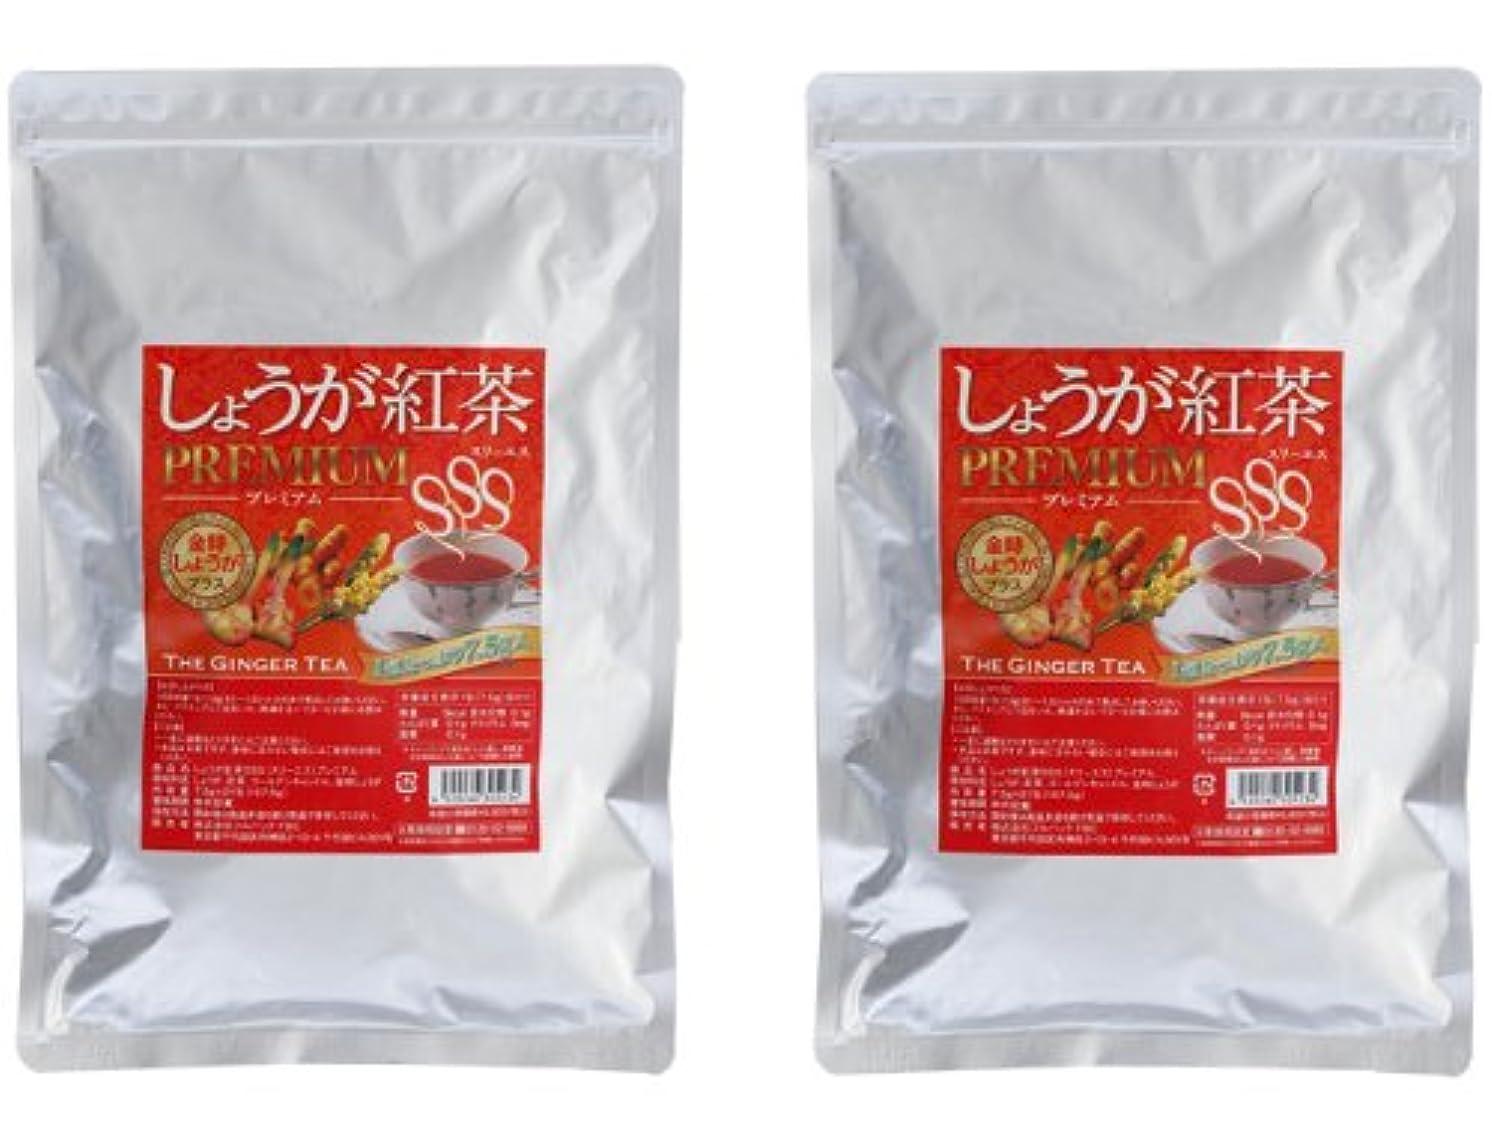 受賞インストール余剰しょうが紅茶プレミアムSSS 2個セット(金時生姜紅茶ダイエットティー)